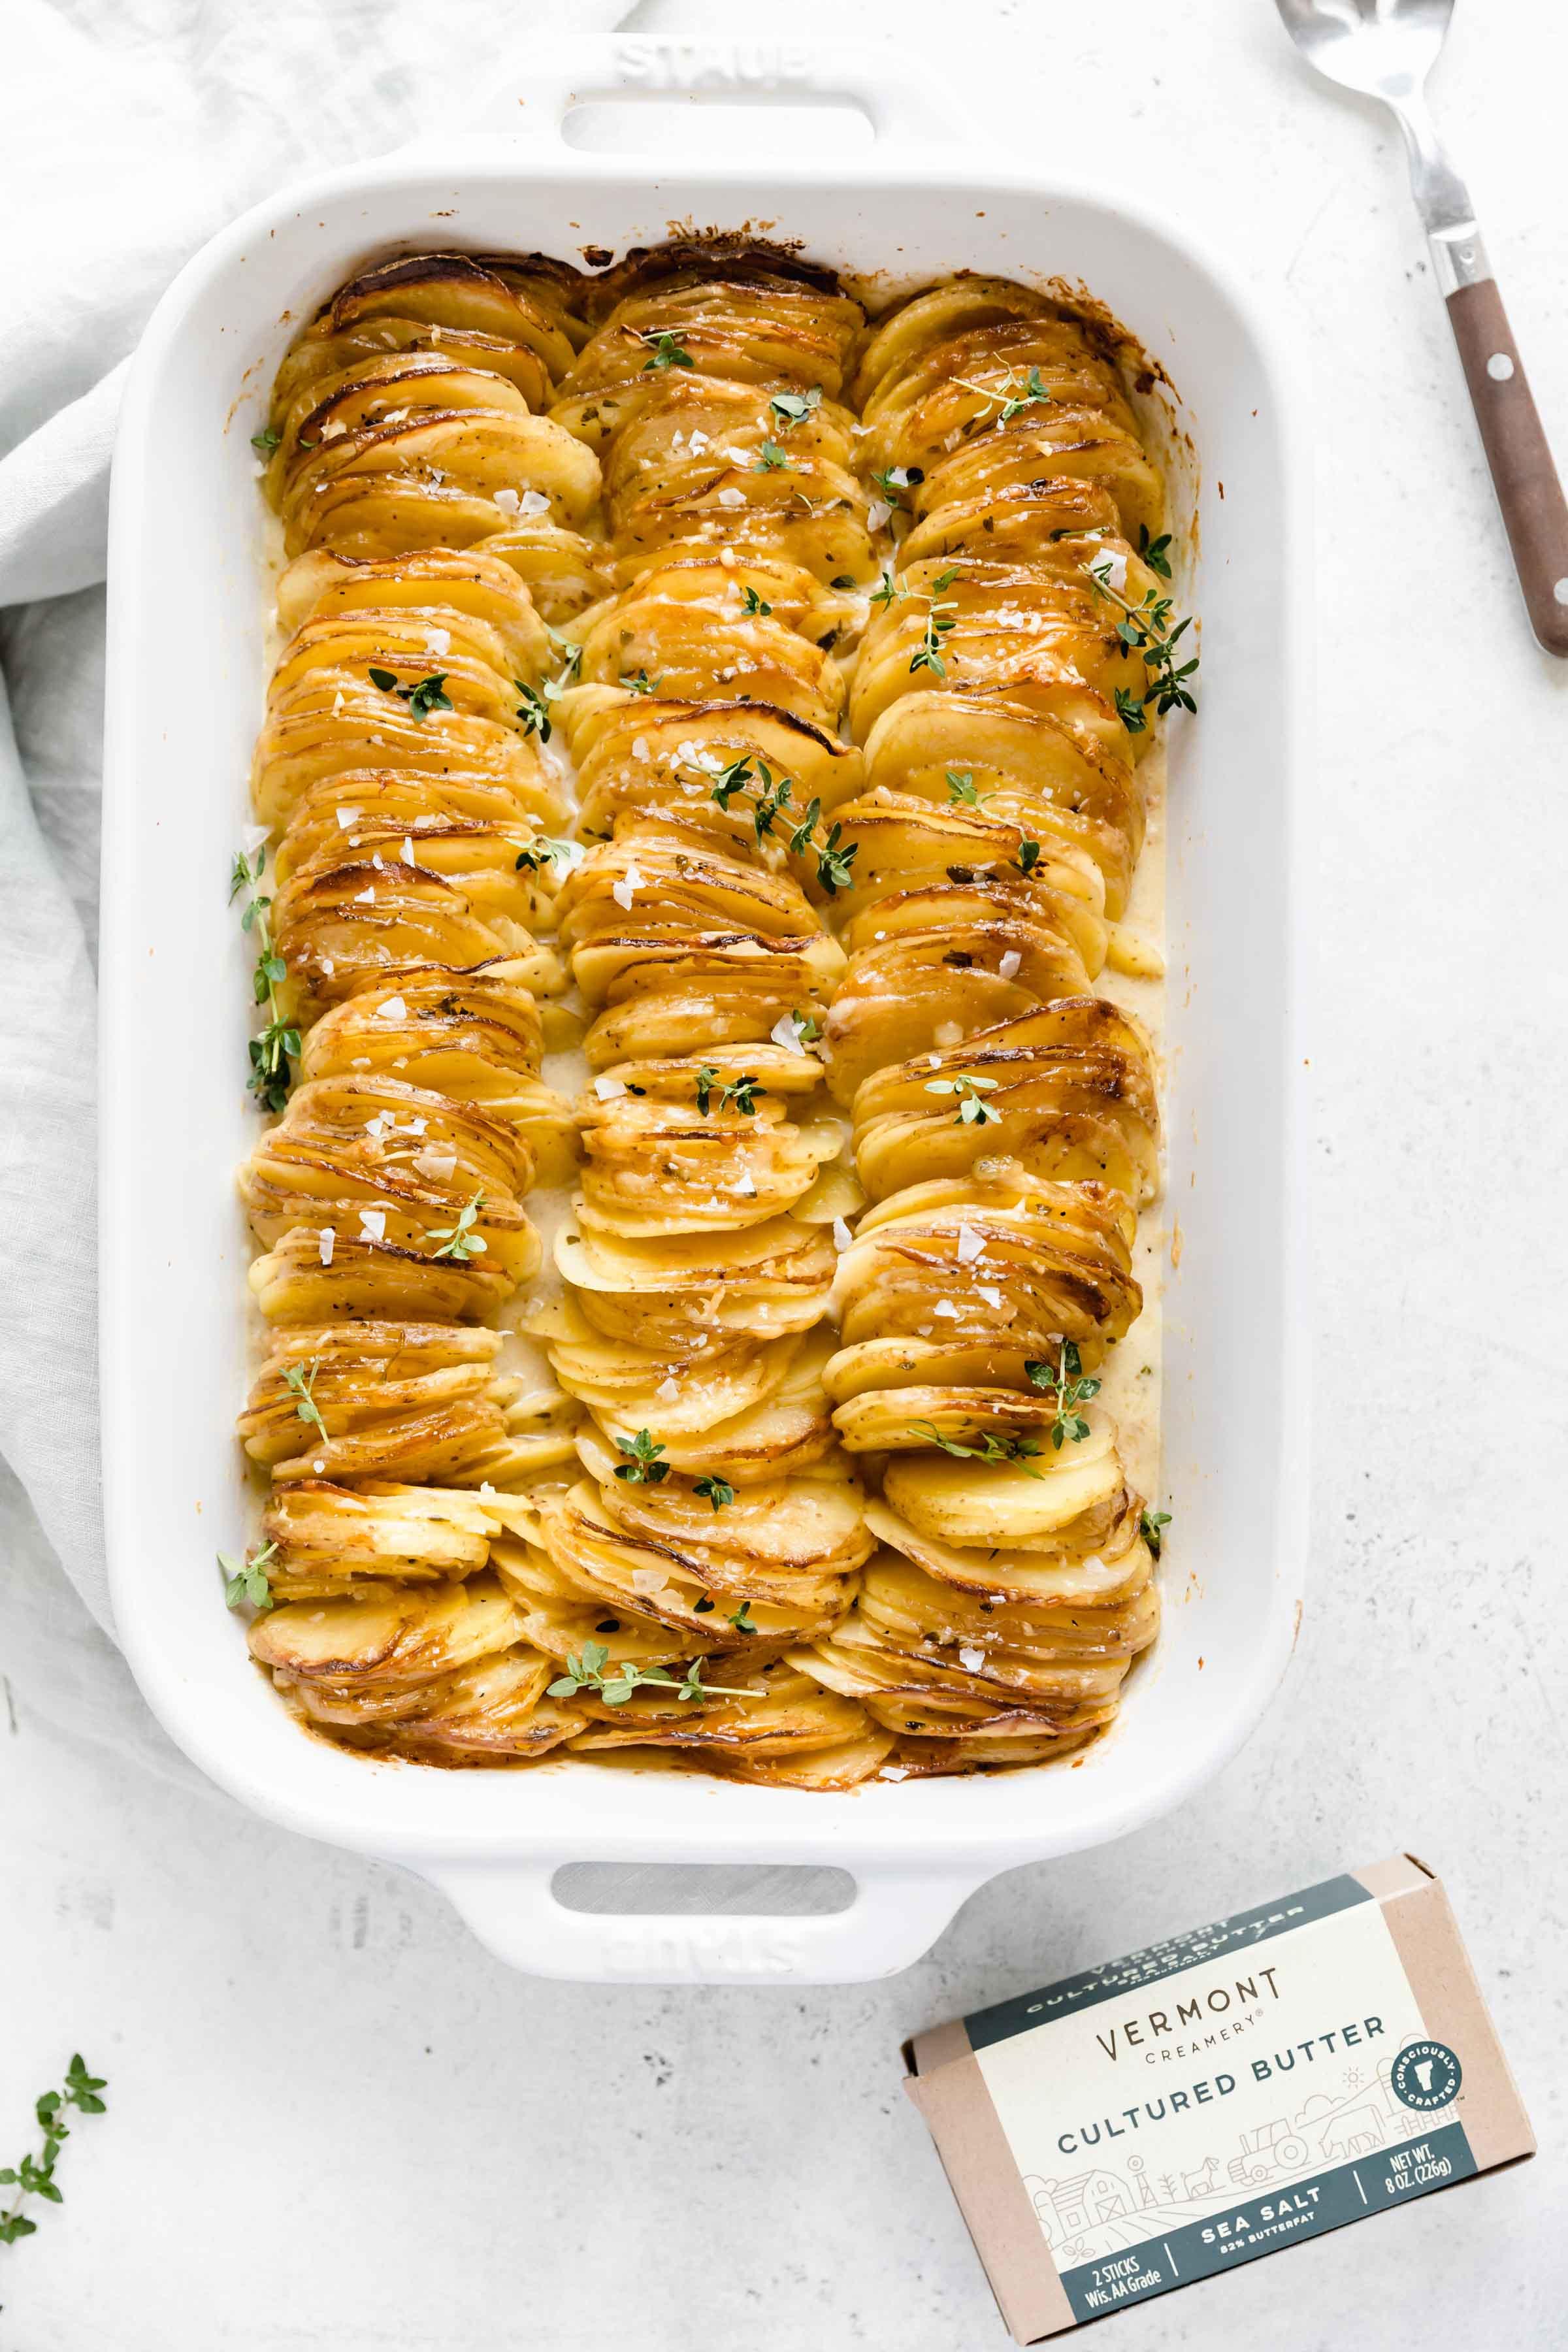 Des pommes de terre festonnées au fromage empilées verticalement pour créer un plat d'accompagnement croustillant, gluant et au fromage que toute la famille adorera!